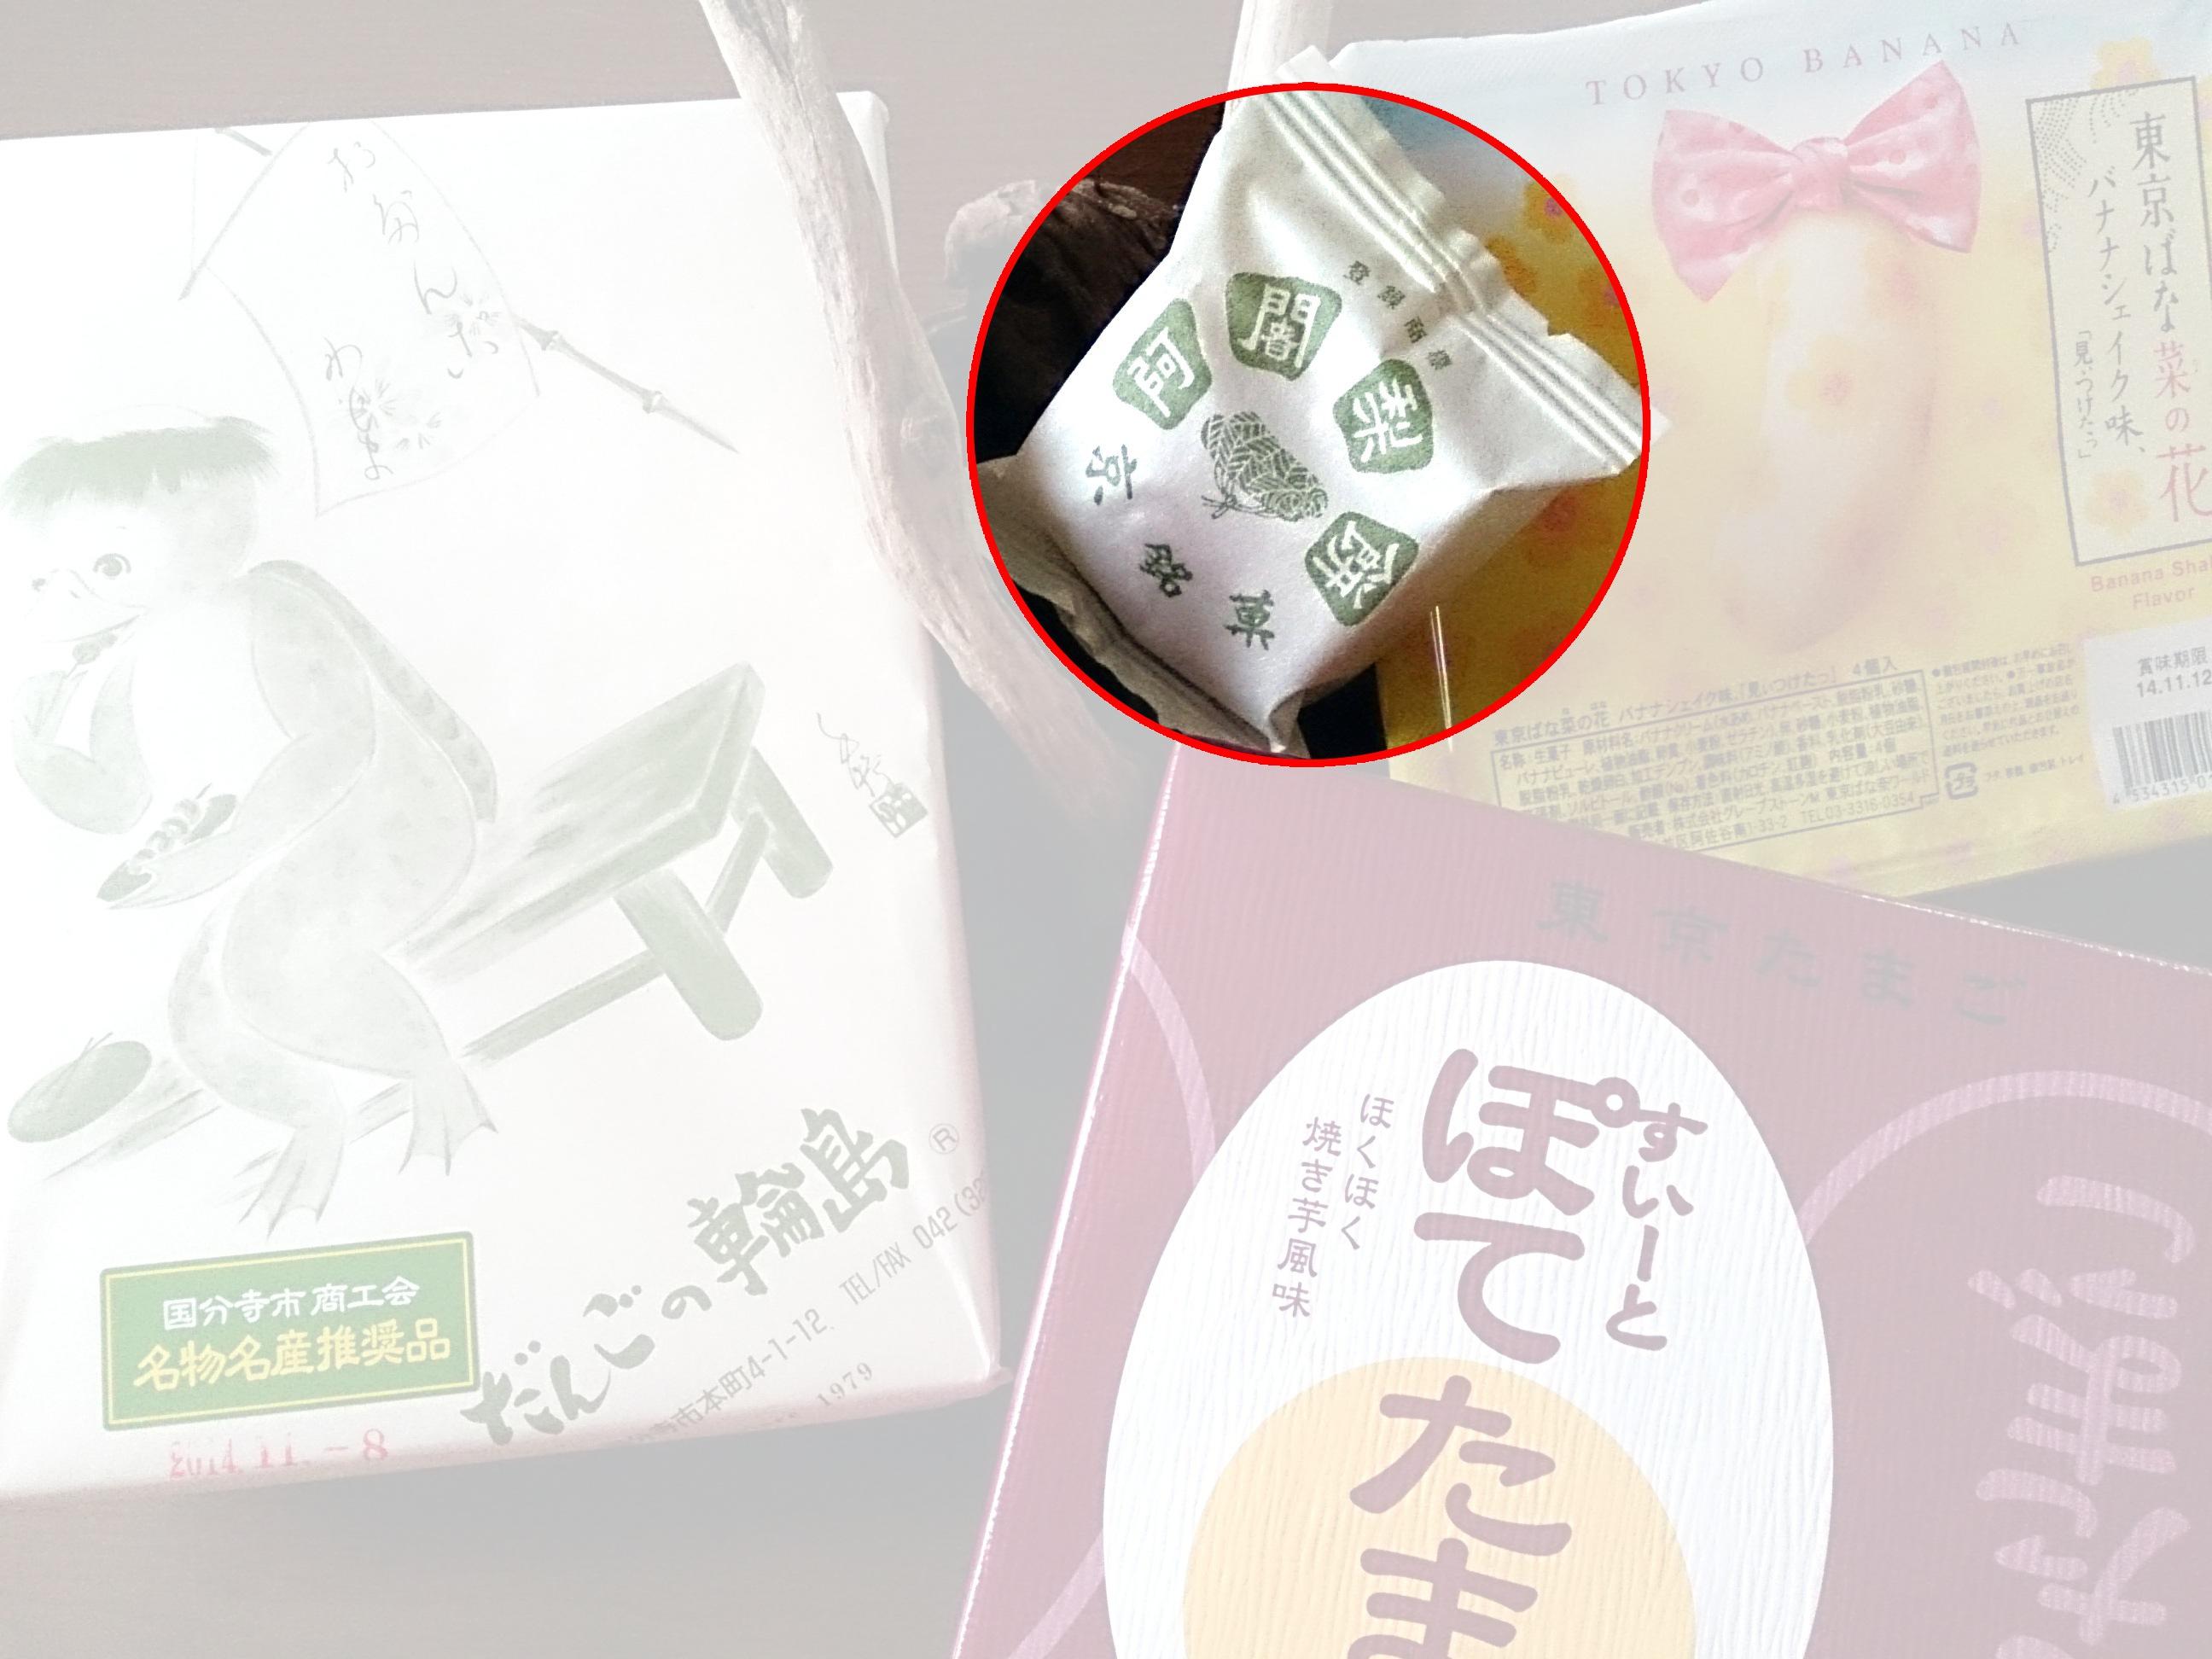 Tsudoe_20141102-01-02.jpg